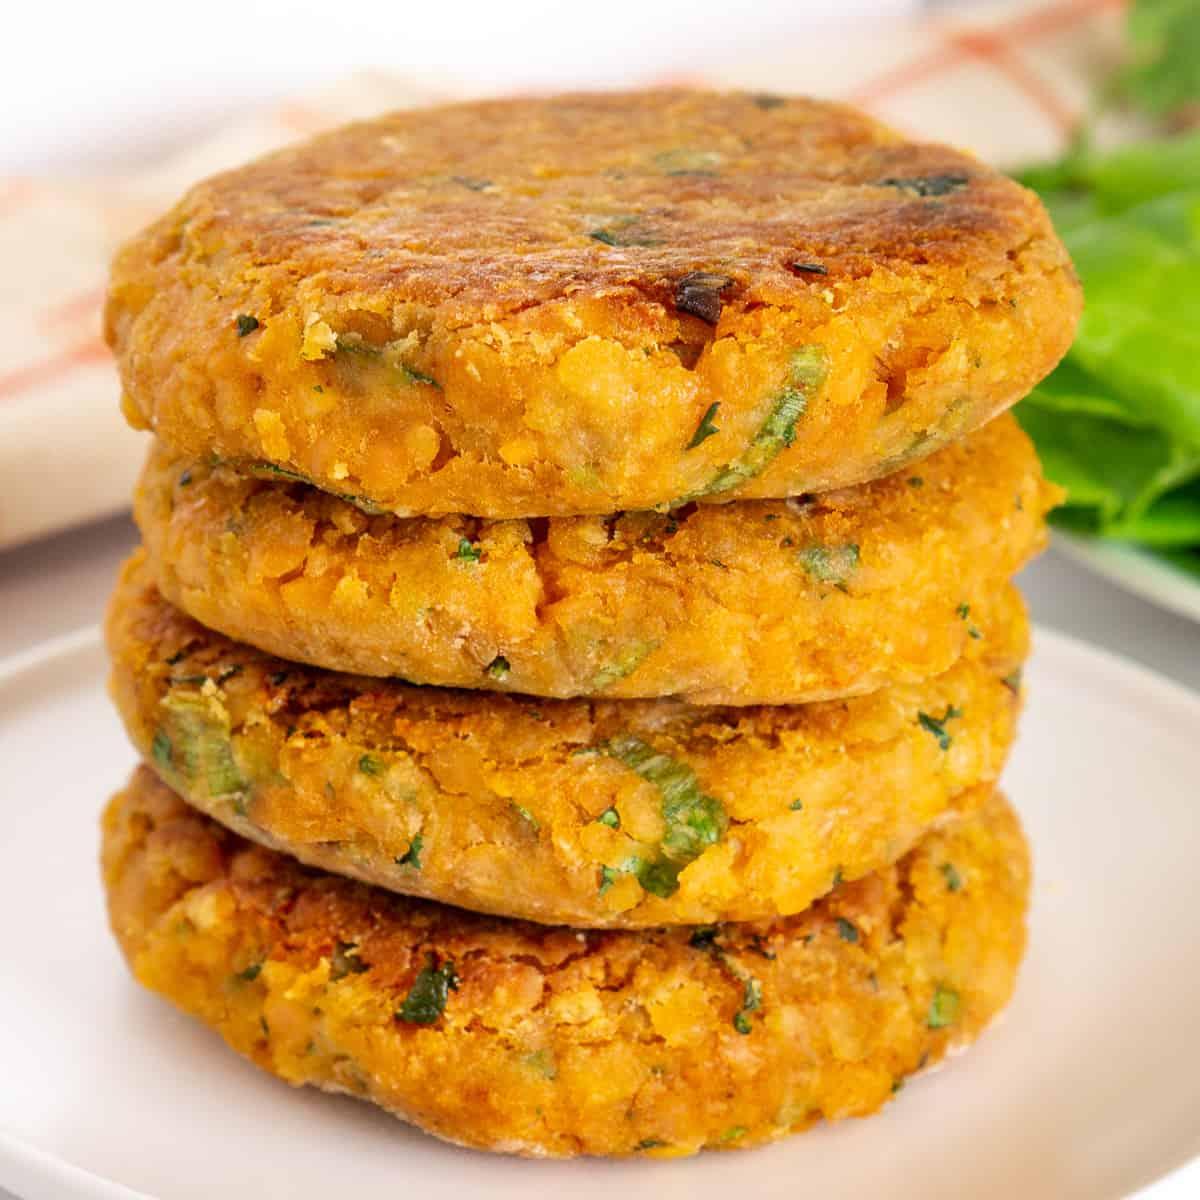 stack of 4 vegan lentil patties